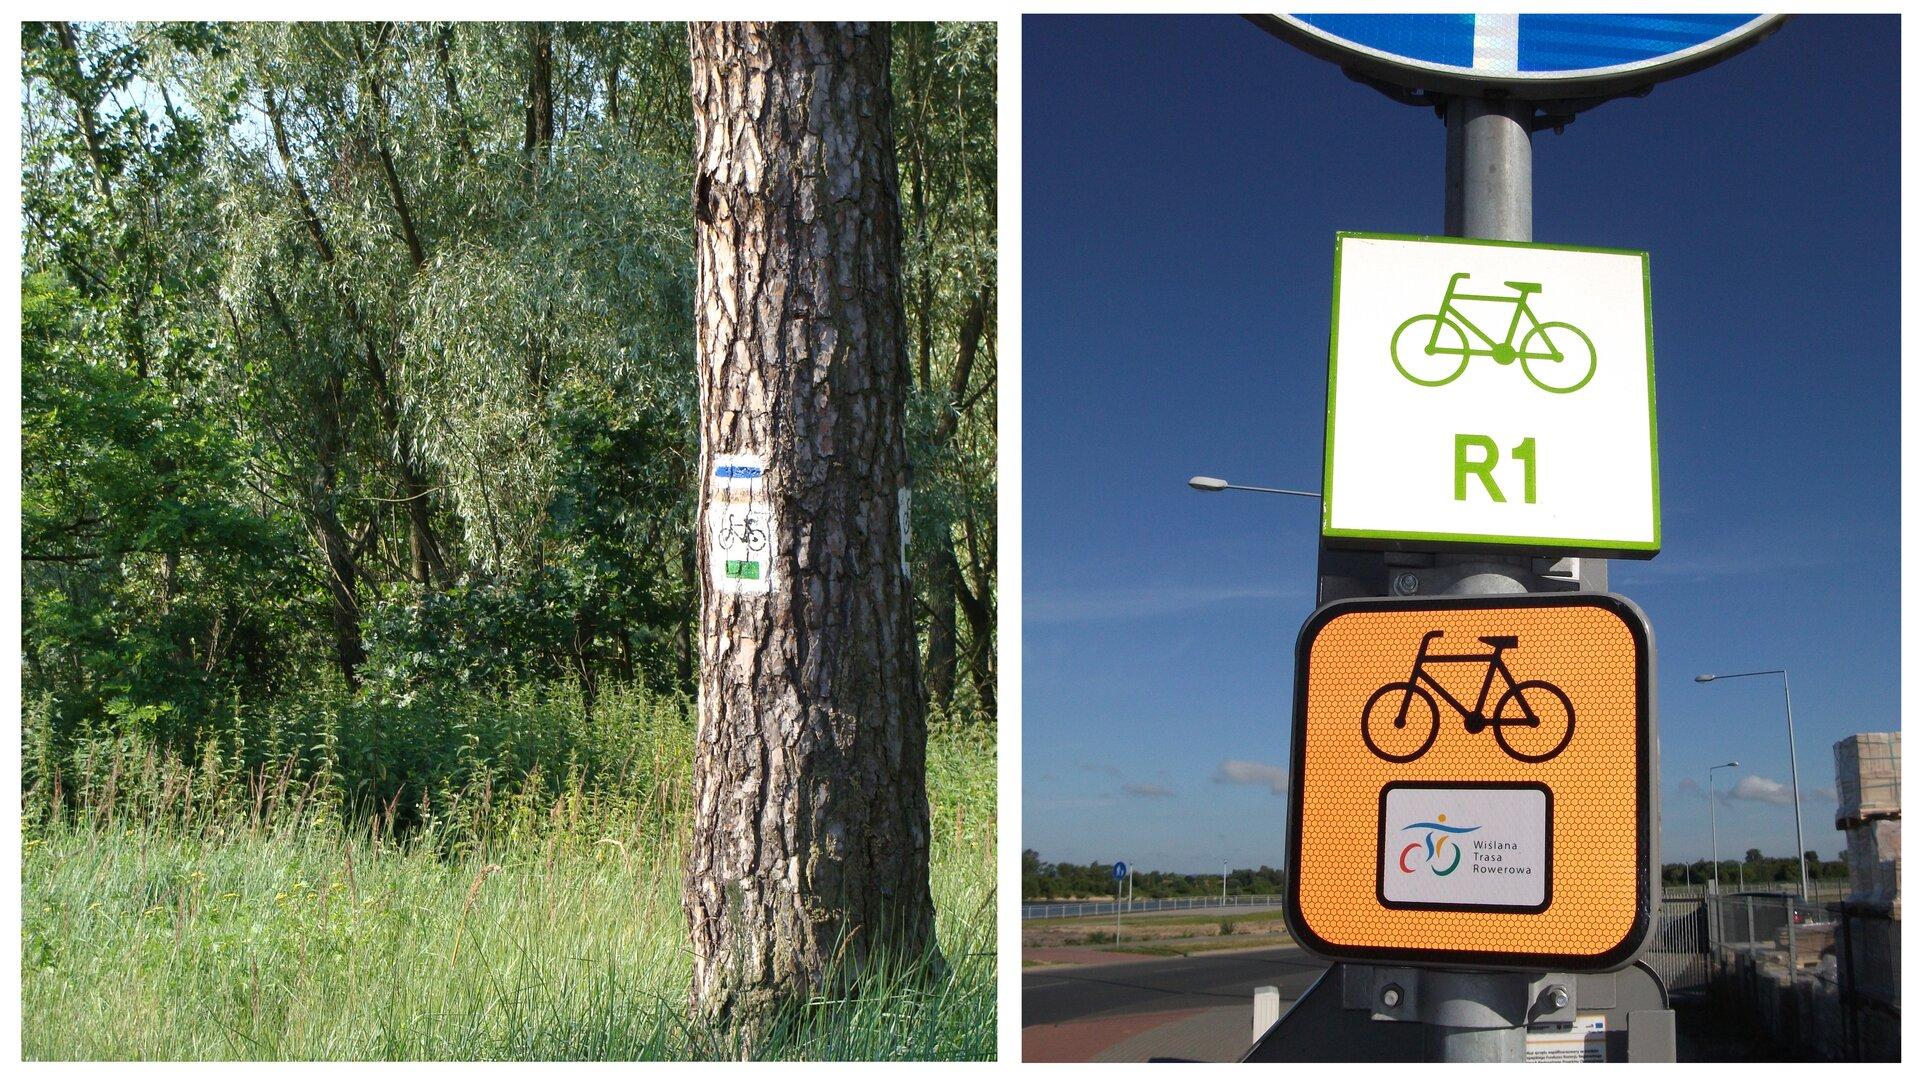 Fotografia zlewej przedstawia pień drzewa na tle lasu. Na pniu znajduje się biało – niebieski symbol szlaku turystycznego. Pod nim wbiałym kwadracie symbol roweru izielony pasek. To oznakowanie trasy. Fotografia zprawej przedstawia dwie tabliczki zoznaczeniem tras rowerowych. Znajdują się na metalowym słupie znaku drogowego przy szosie. Górna, biała ma zielony symbol roweru inapis R1, czyli oznaczenie szlaku europejskiego. Dolna, pomarańczowa ma czarny symbol roweru ikolorowy znaczek na białym tle. To oznakowanie trasy regionalnej.